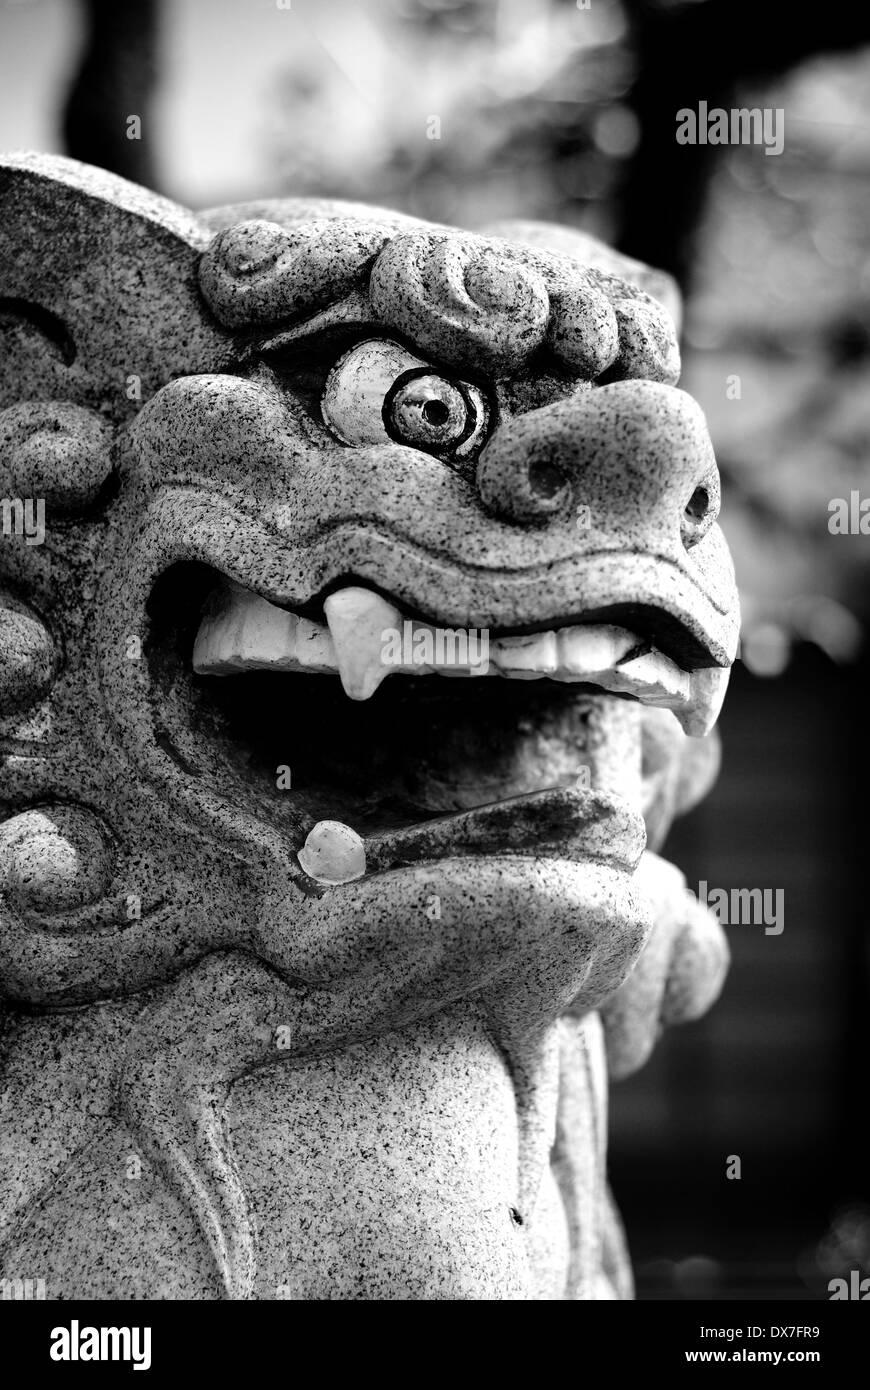 Komainu Statue At Mount Oyama, Kanagawa Prefecture, Japan - Stock Image